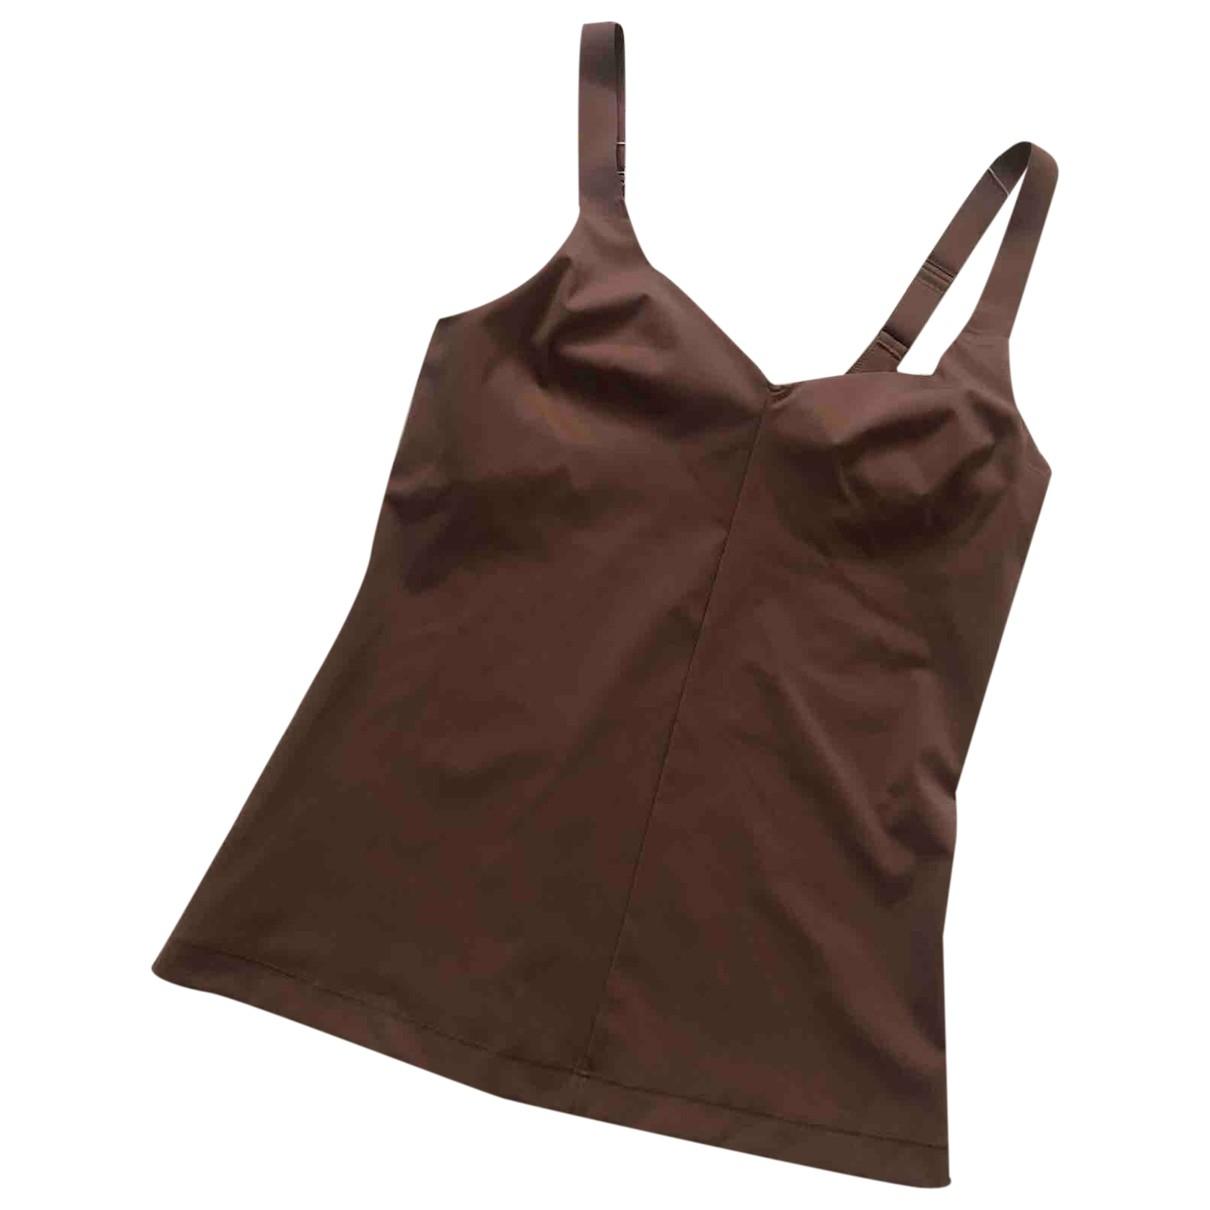 Lululemon - Top   pour femme - marron